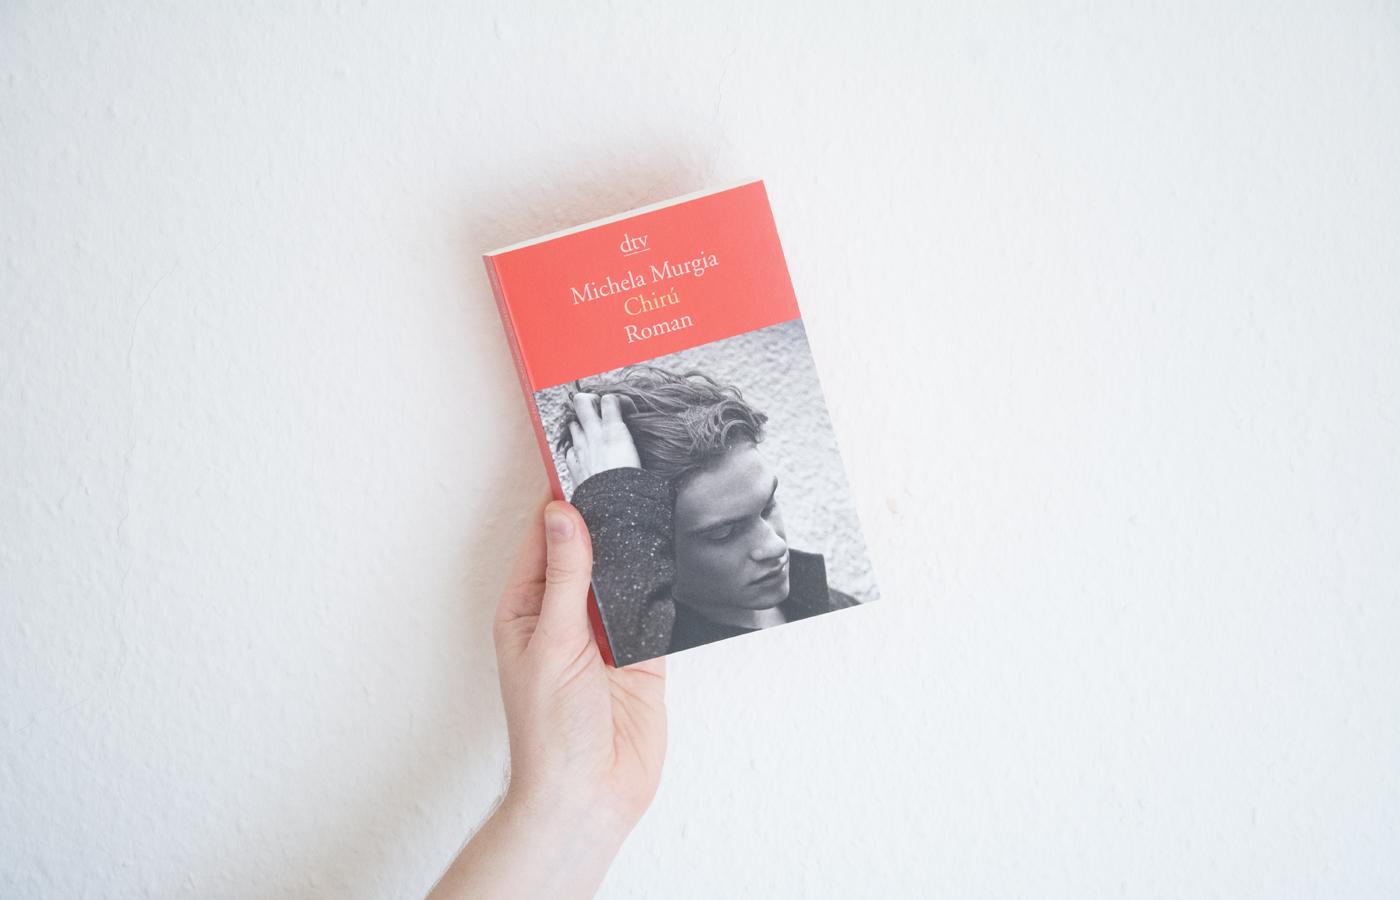 Literaturbesprechung:  »Chirú« von Michela Murgia